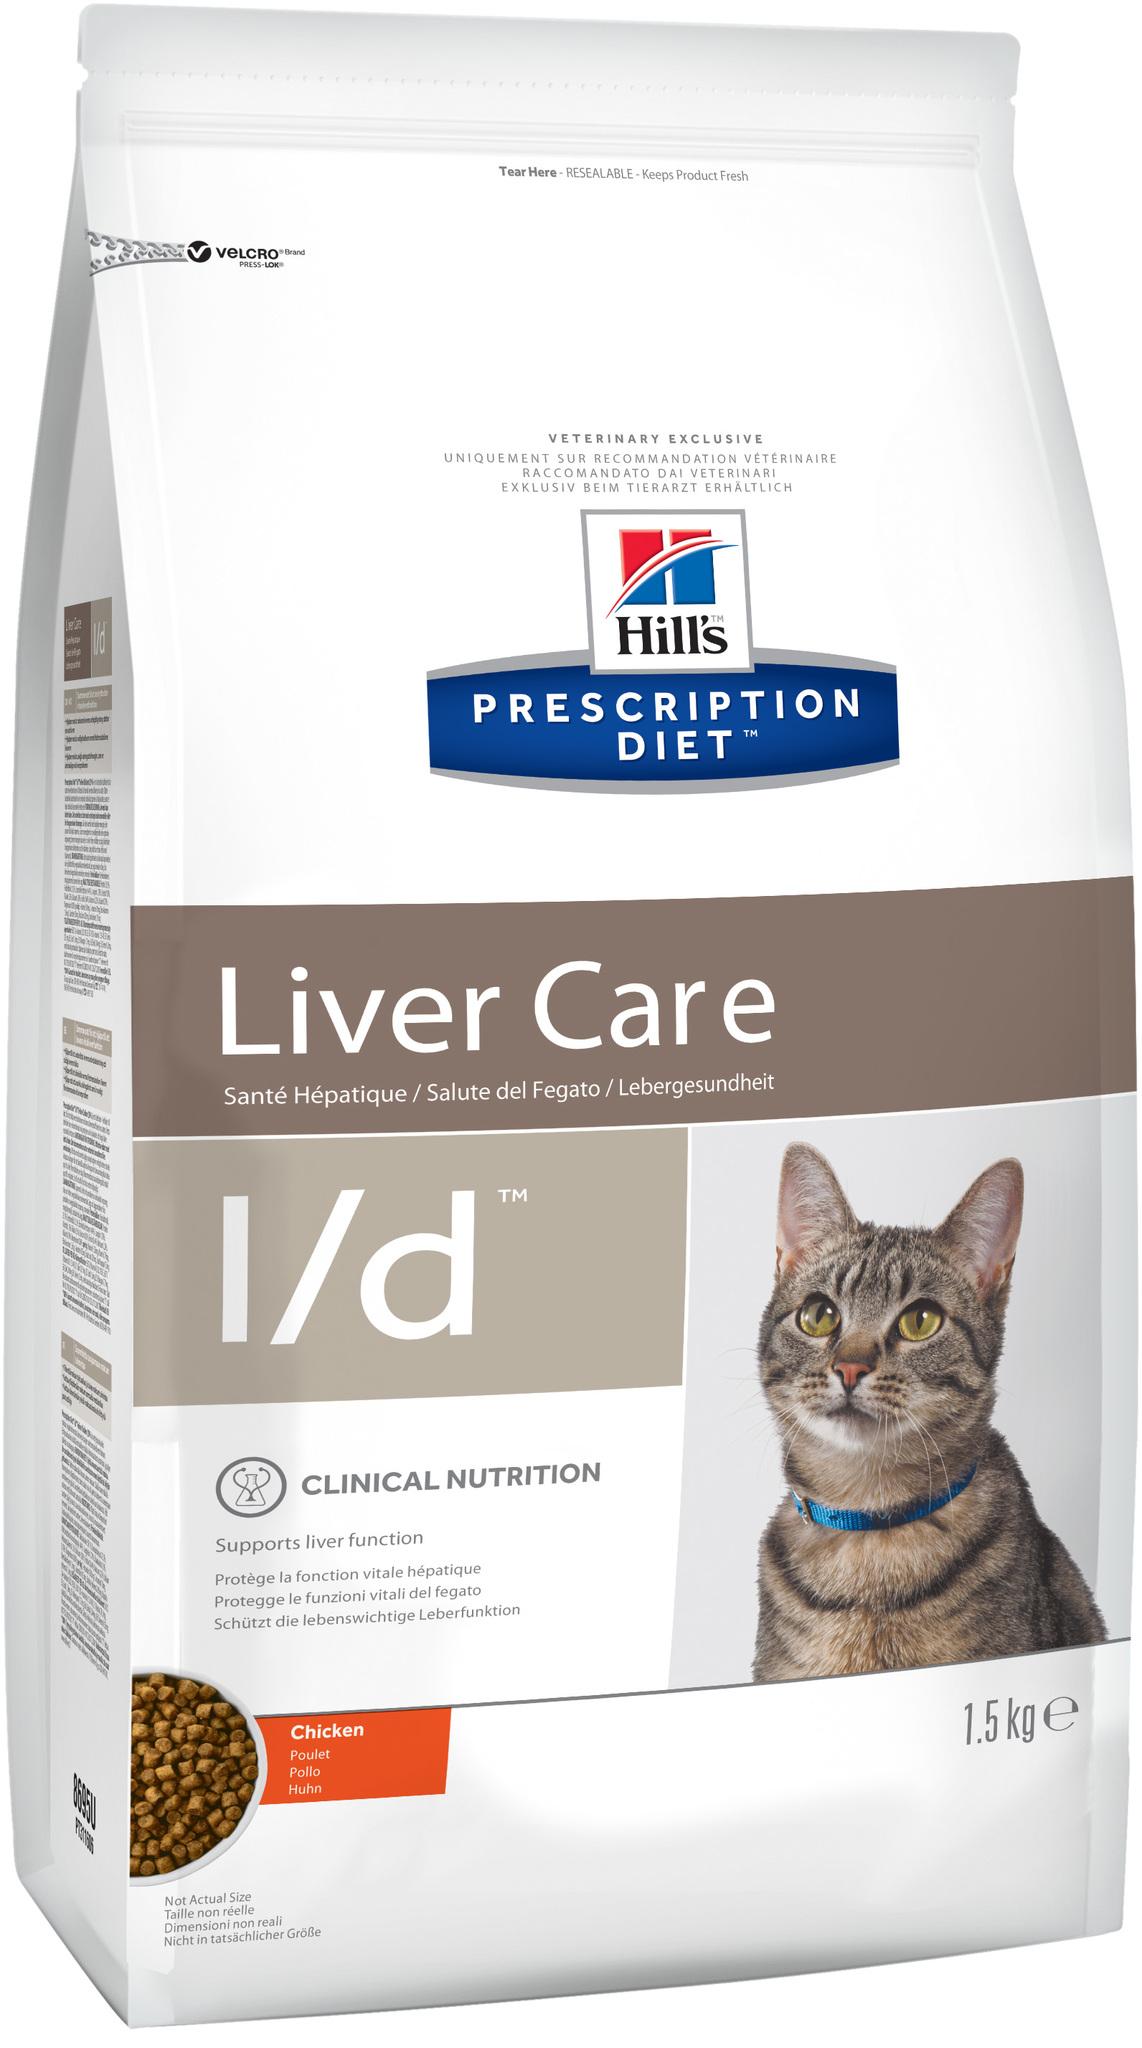 купить хиллс  диетический Hill's™ Prescription Diet™ Feline l/d™ Liver Care with Chicken сухой корм для взрослых кошек, диетический рацион при заболеваниях печени новая упаковка